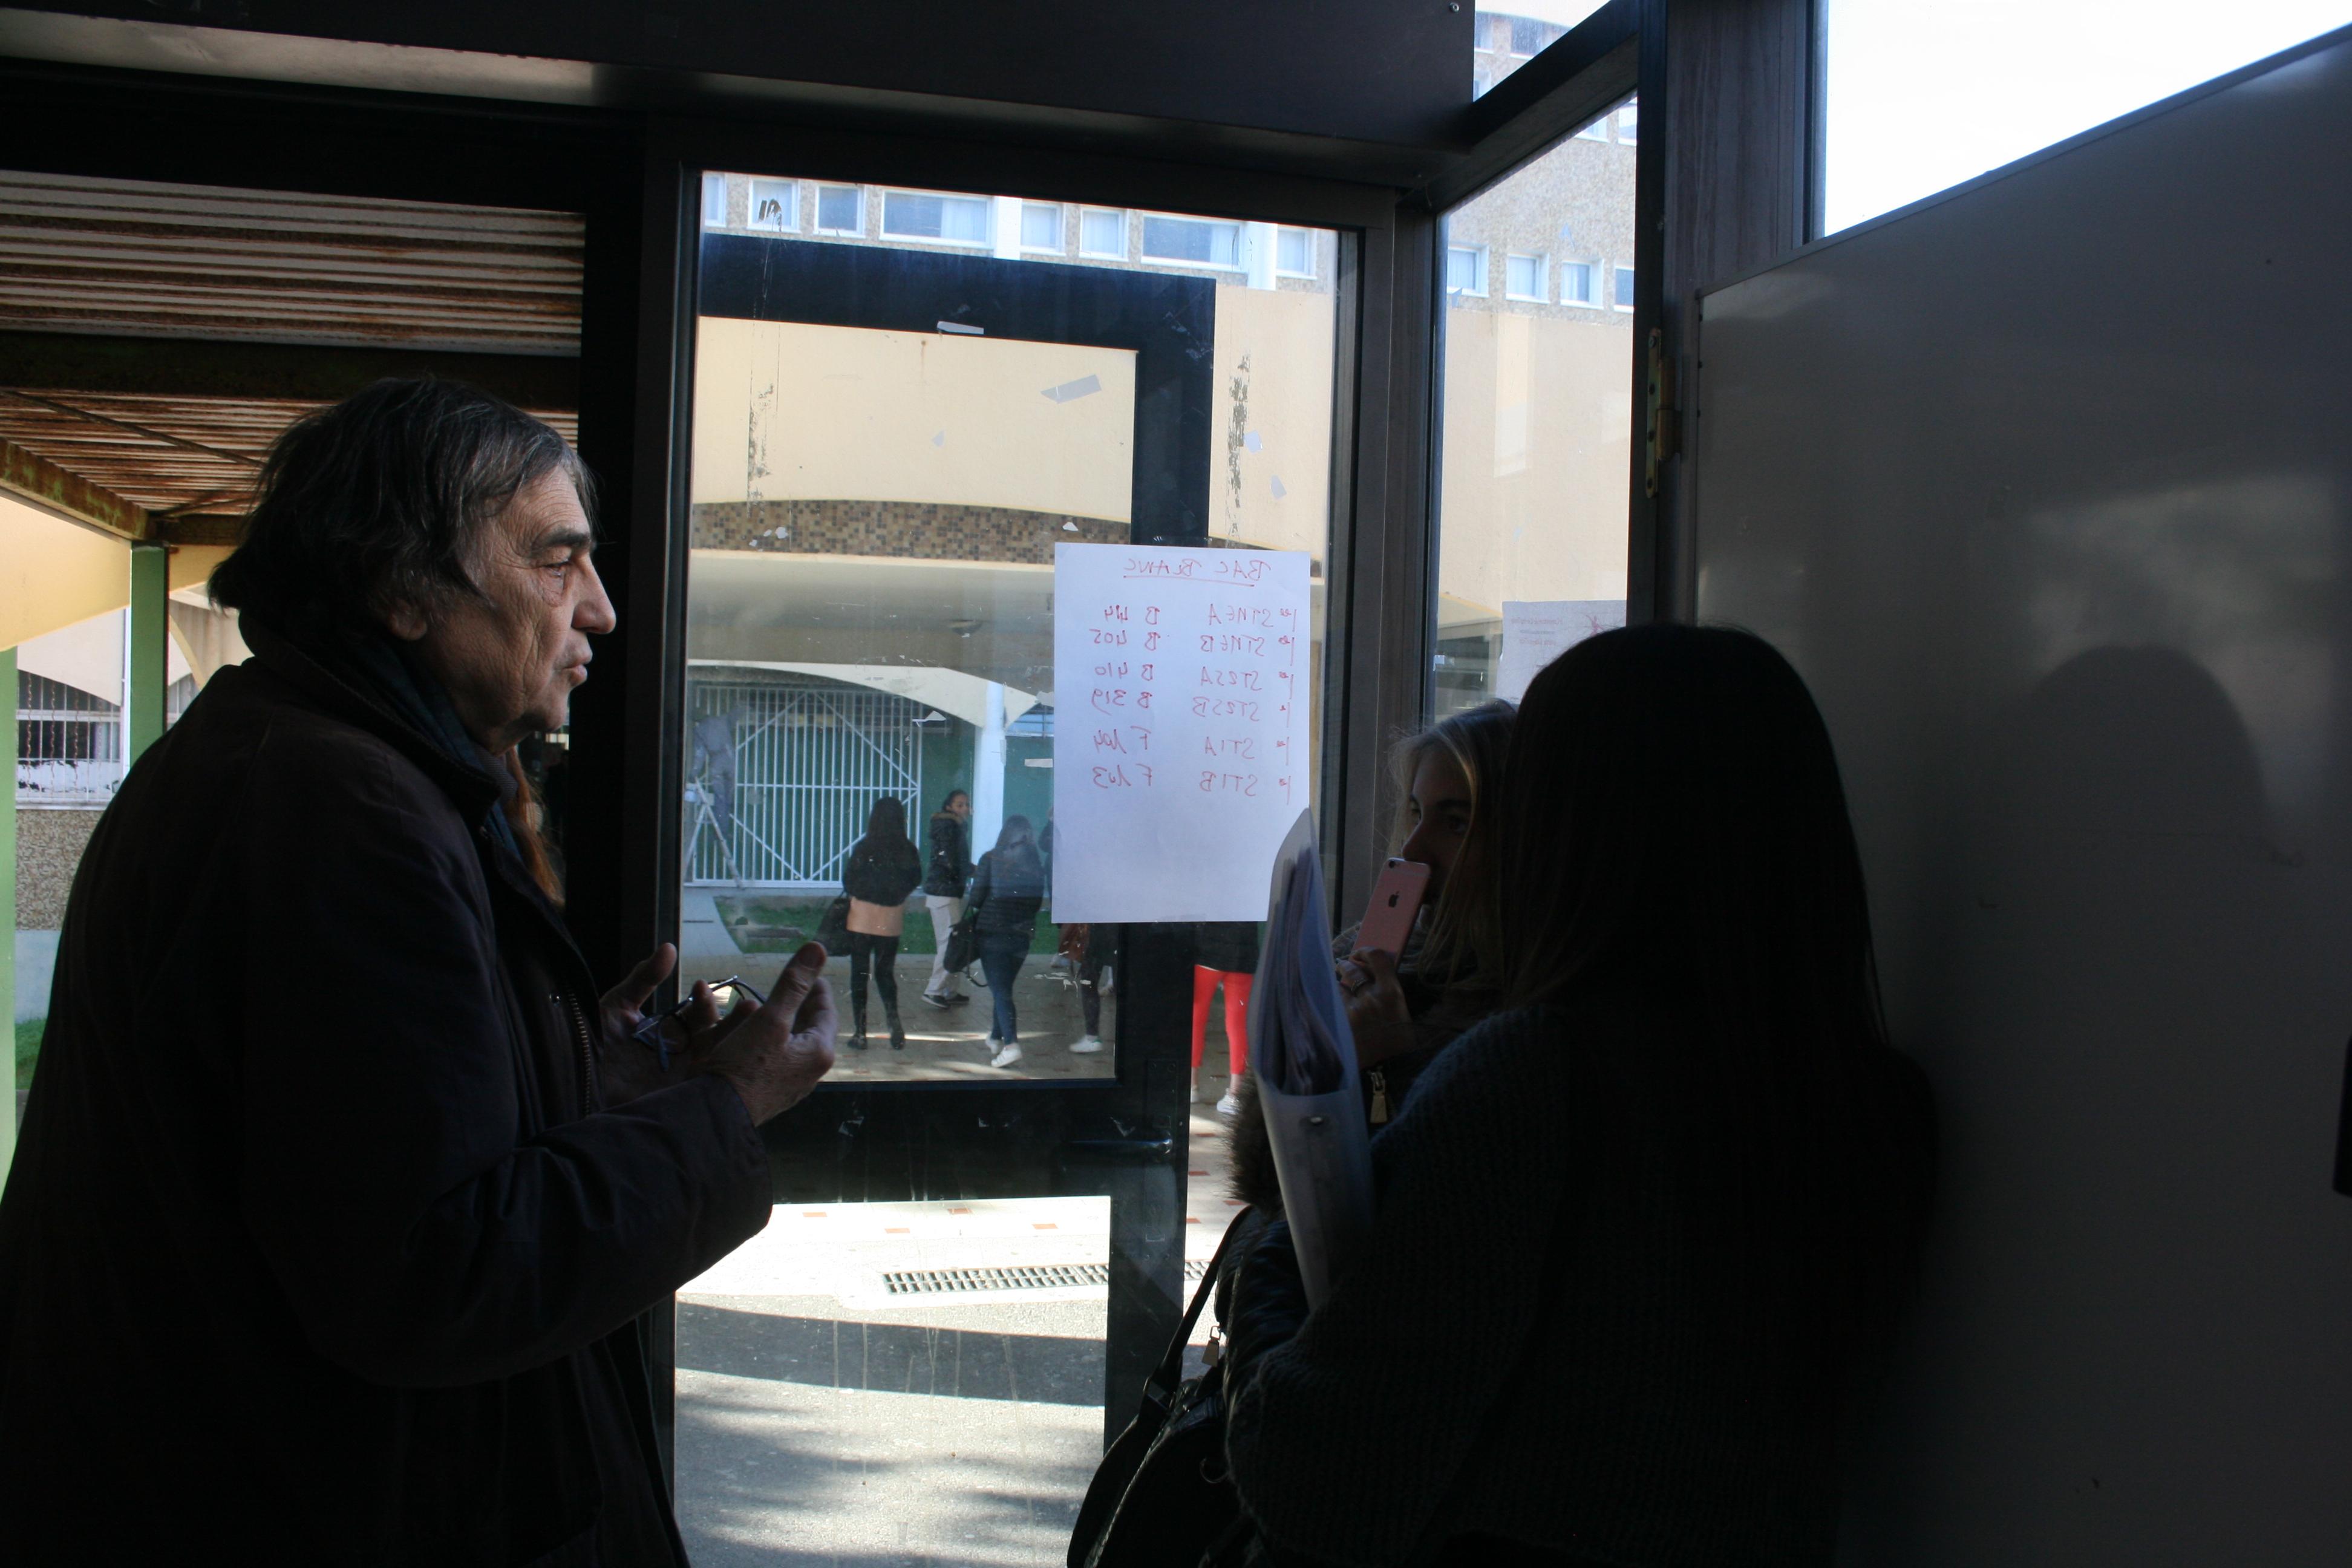 """Marcel Rufo et les jeunes : """" Ouvrir un dialogue avec eux, c'est le seul avenir possible pour la société de demain"""""""